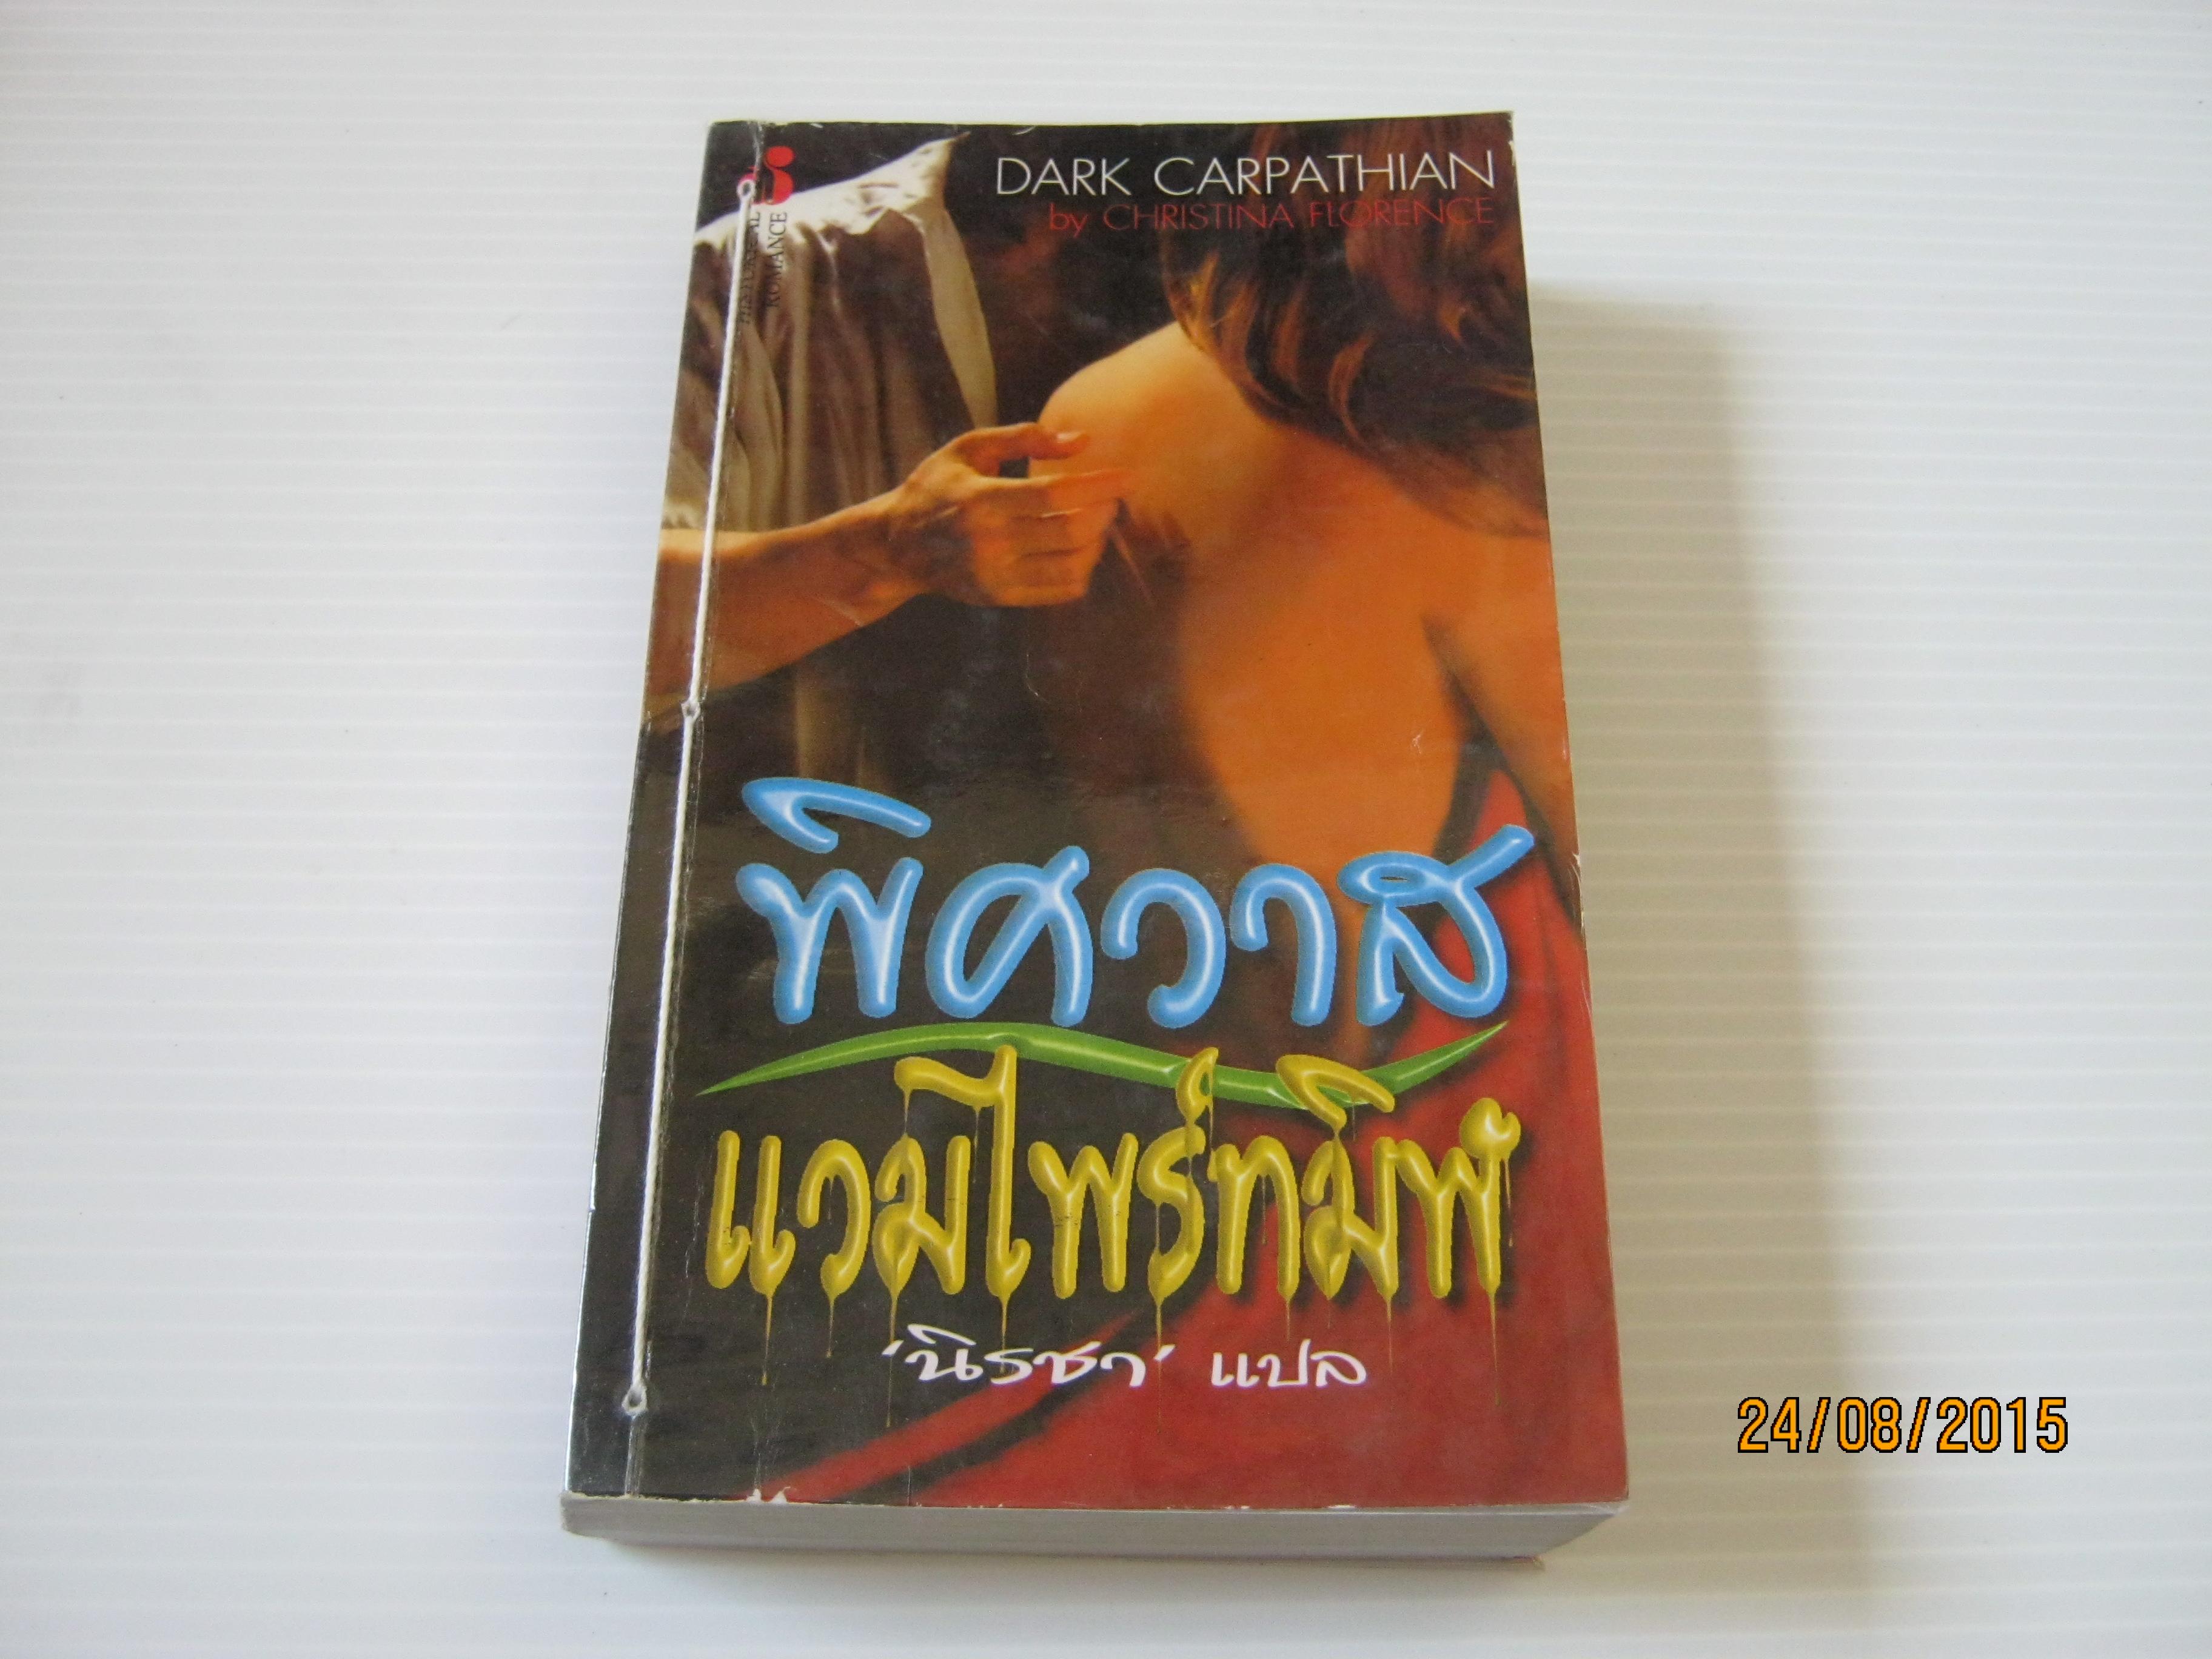 พิศวาสแวมไพร์ทมิฬ (Dark Cartathian) Christina Florence เขียน นิรชา แปล